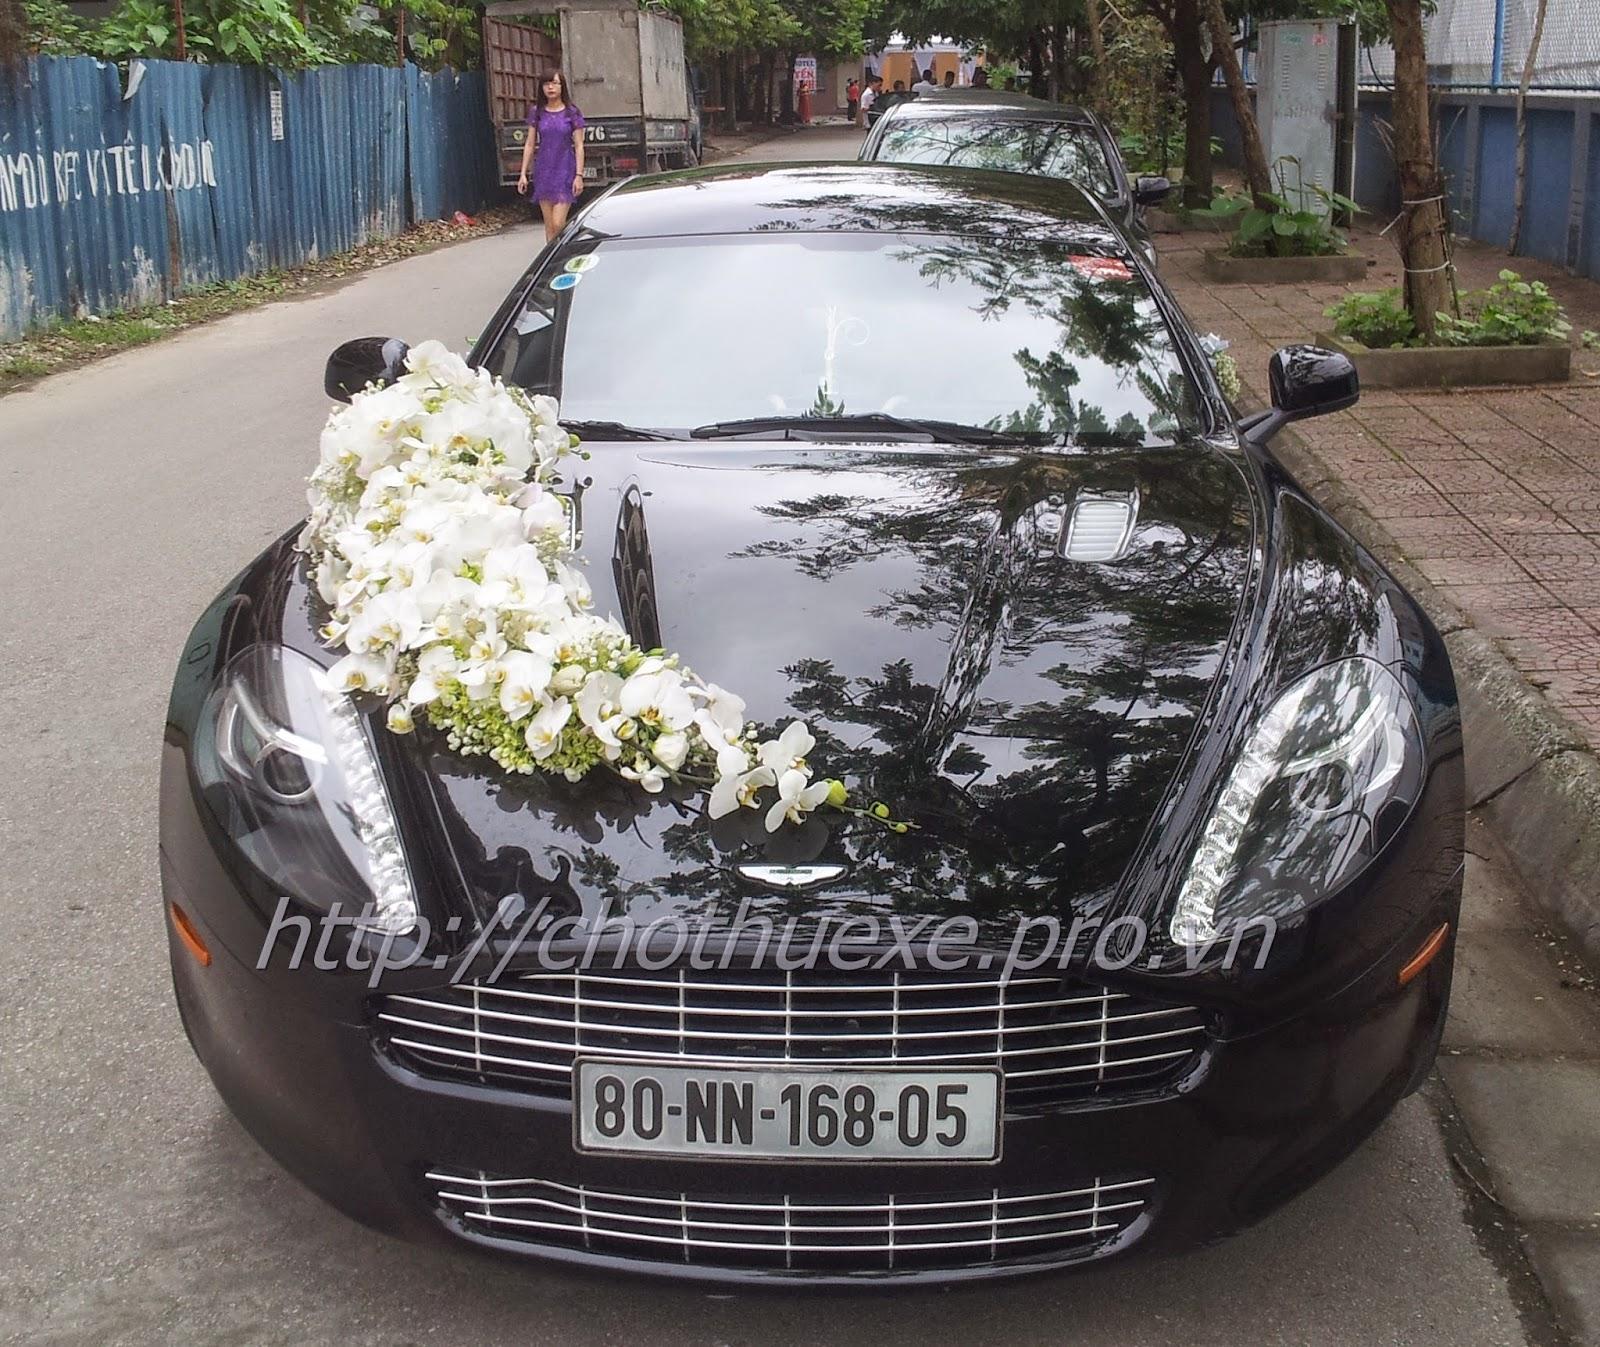 Cho thuê xe siêu xe cưới Aston Martin Rapide tại Hà Nội - giá ưu đãi siêu xe mới